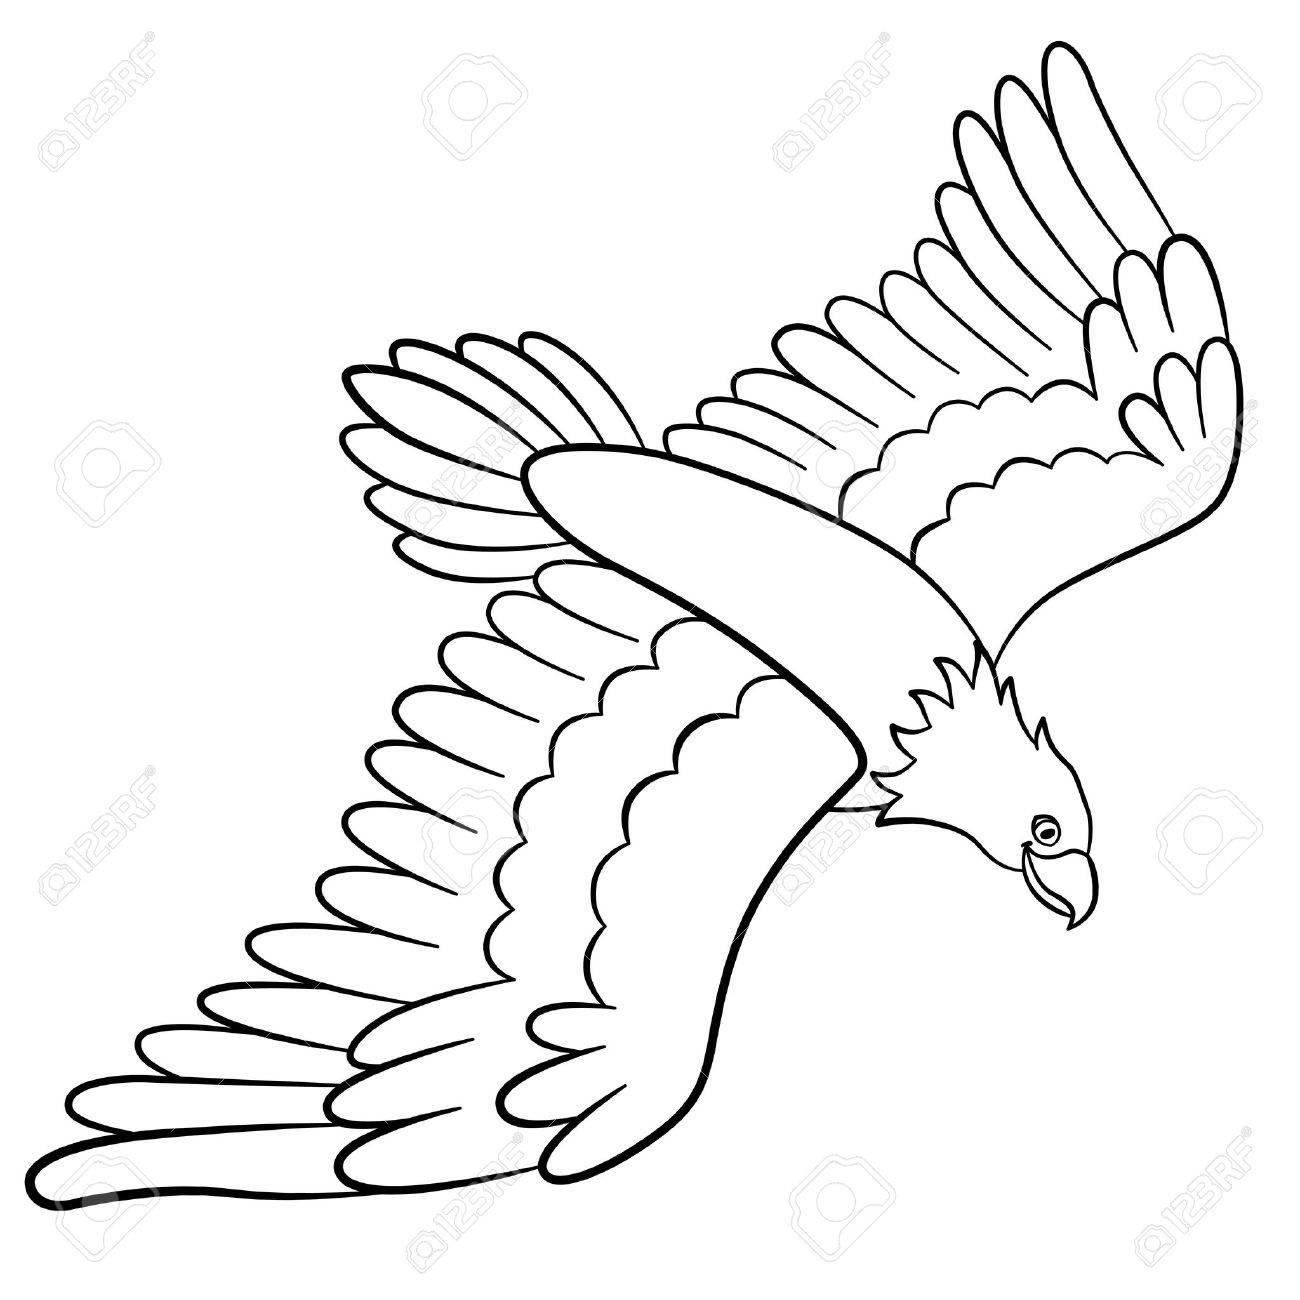 Páginas Para Colorear. Pájaros Salvajes. Águila Linda Vuela Y